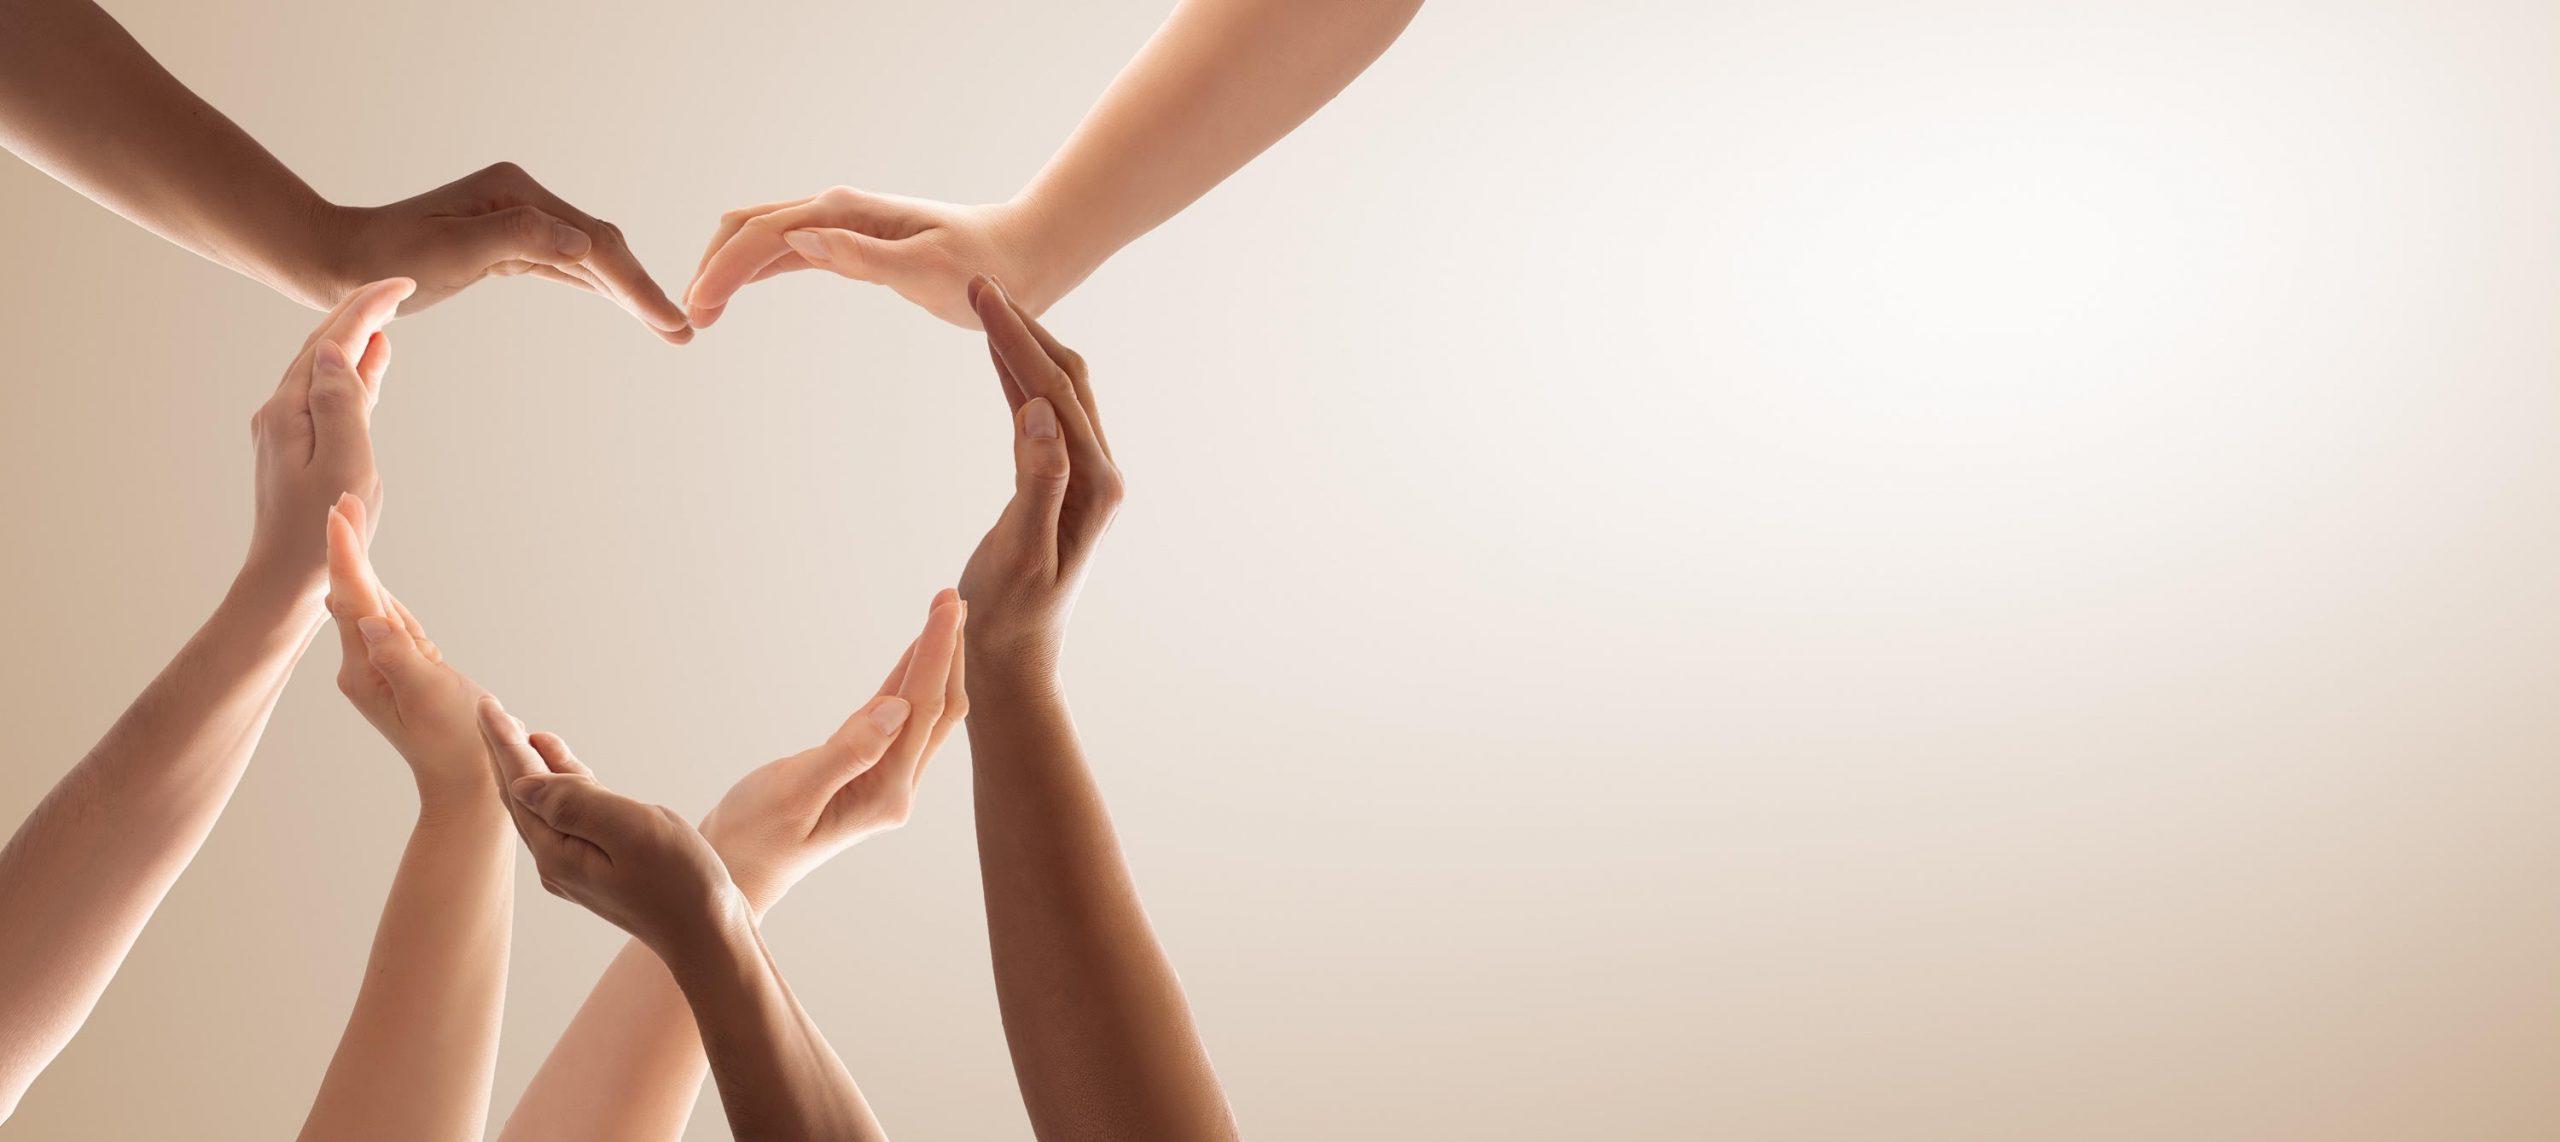 healthy partnership